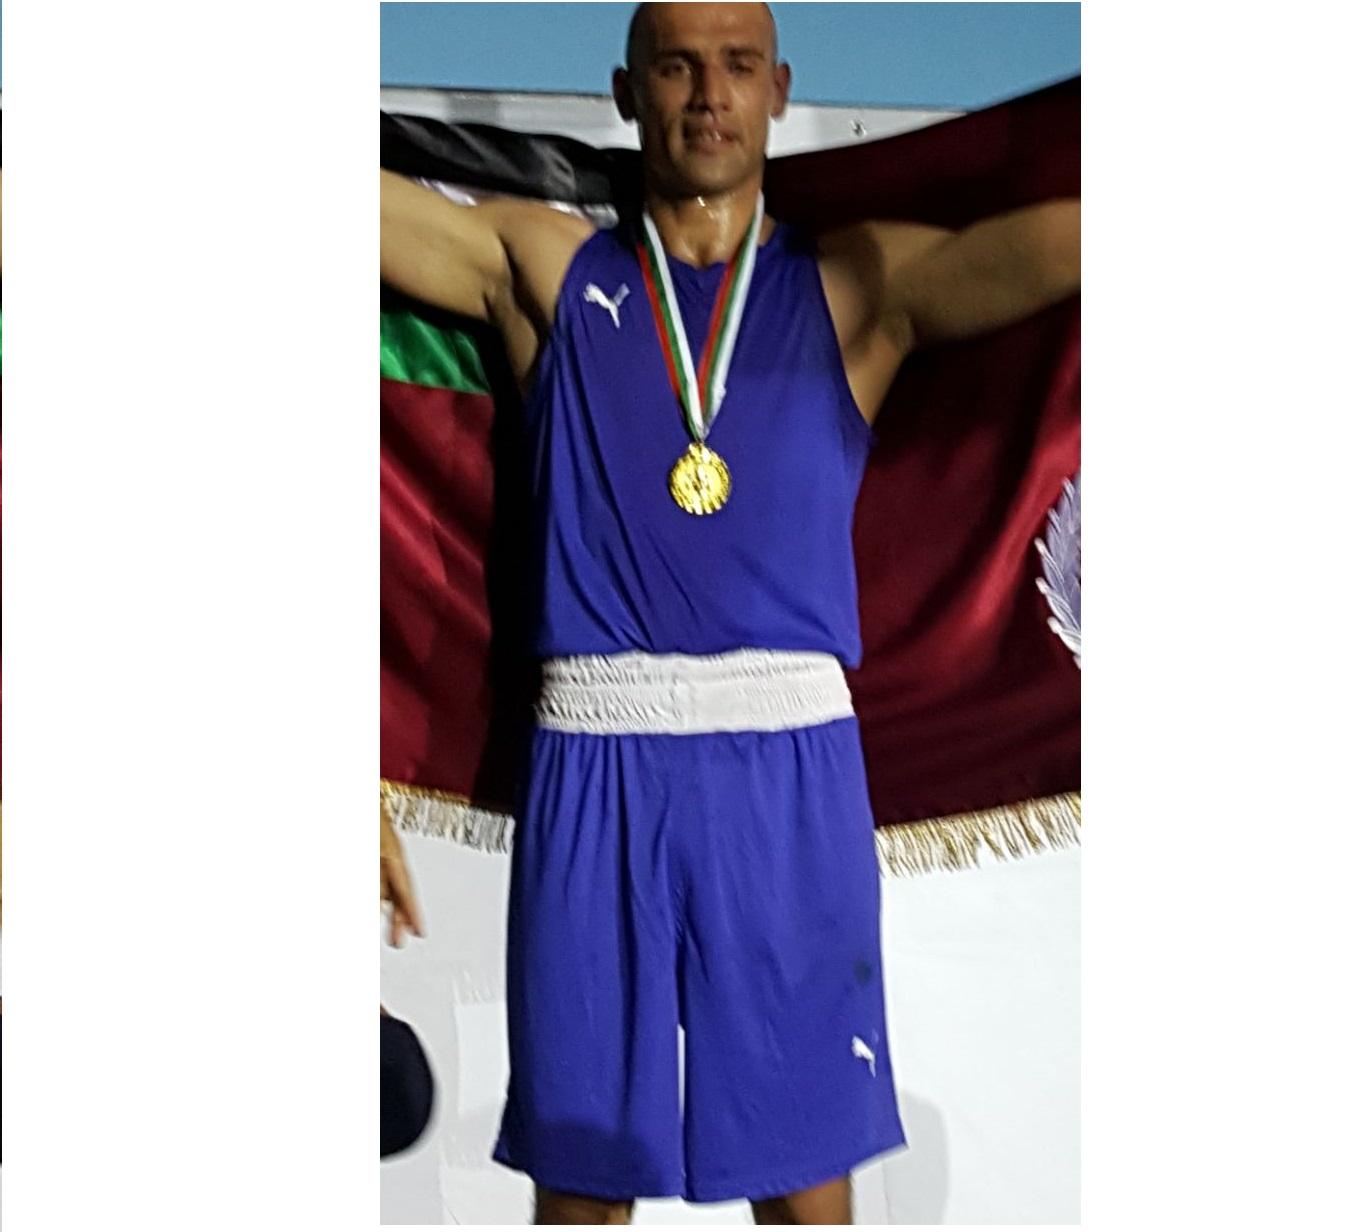 الدركي الهنداوي يحرز الذهب في بطولة النخبة الدولية للملاكمة